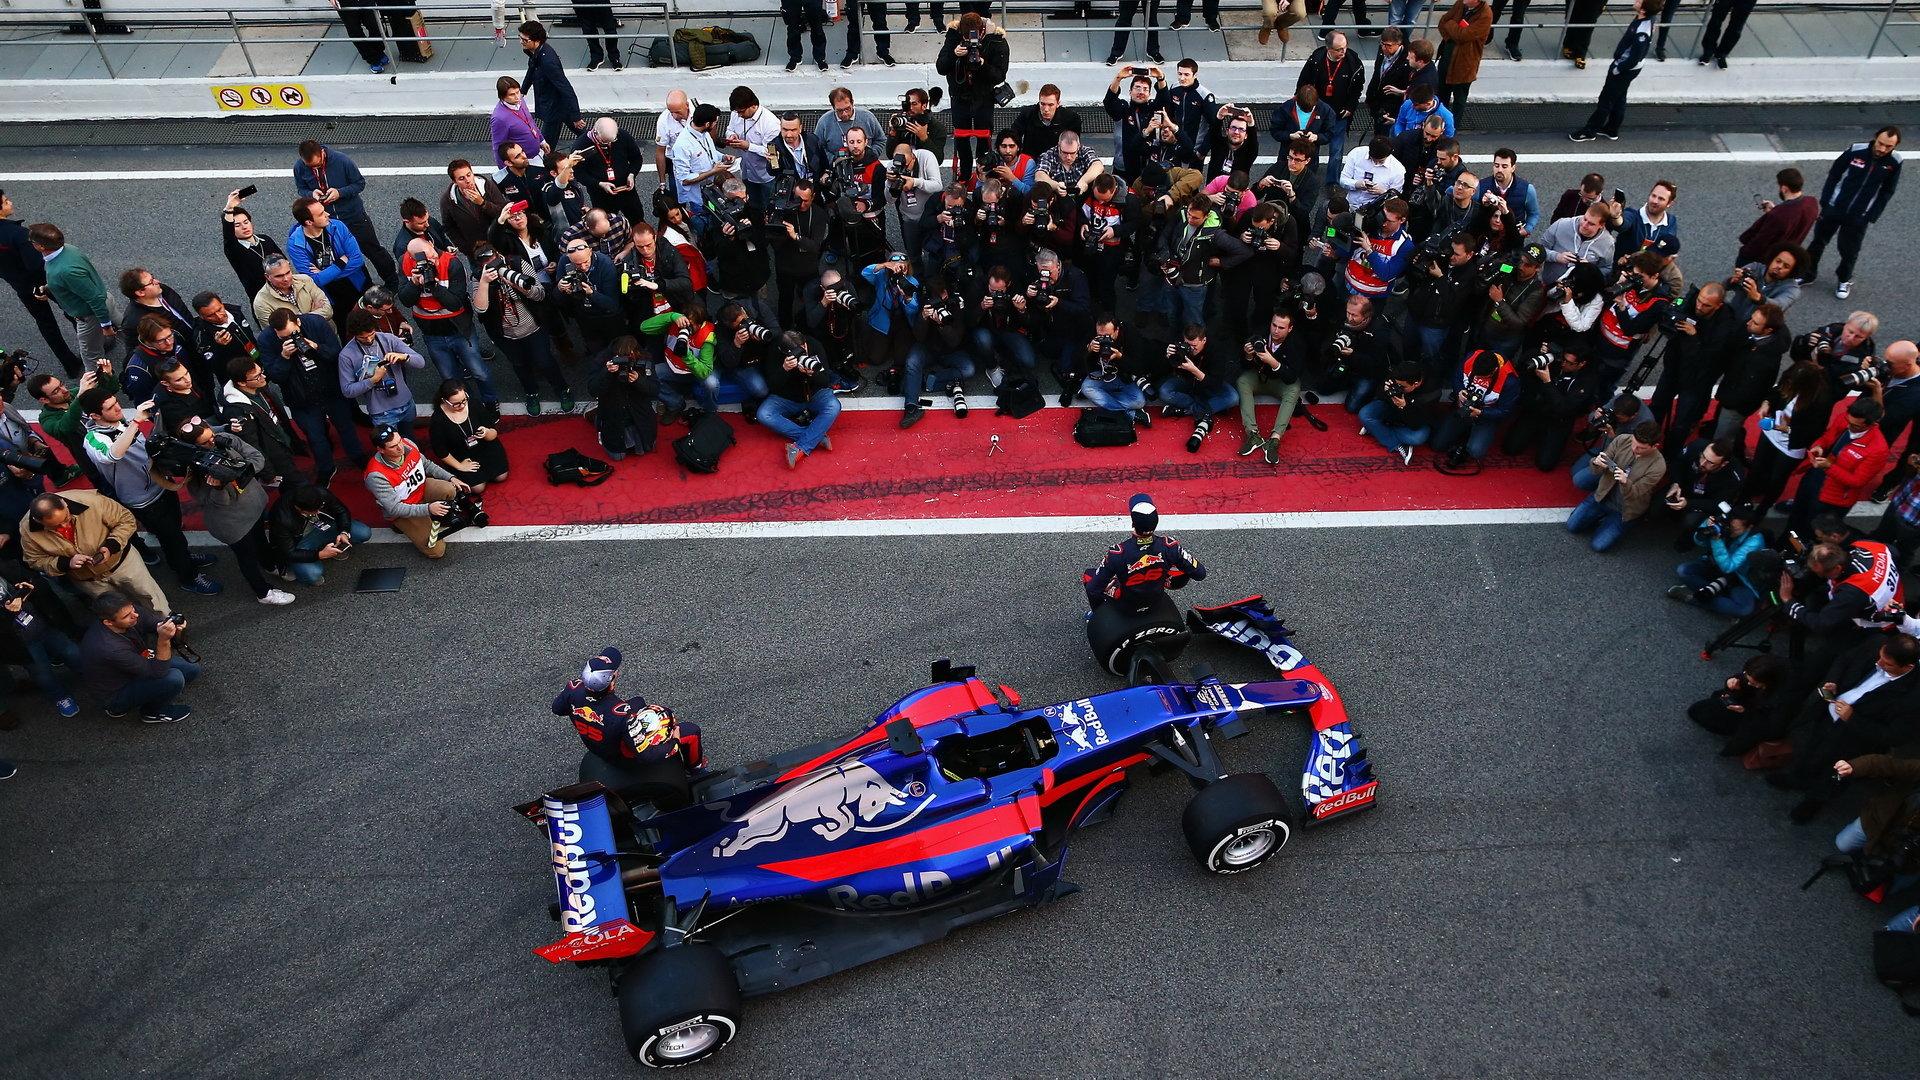 Loňské představení vozu Toro Rosso STR12 poháněného Renaultem